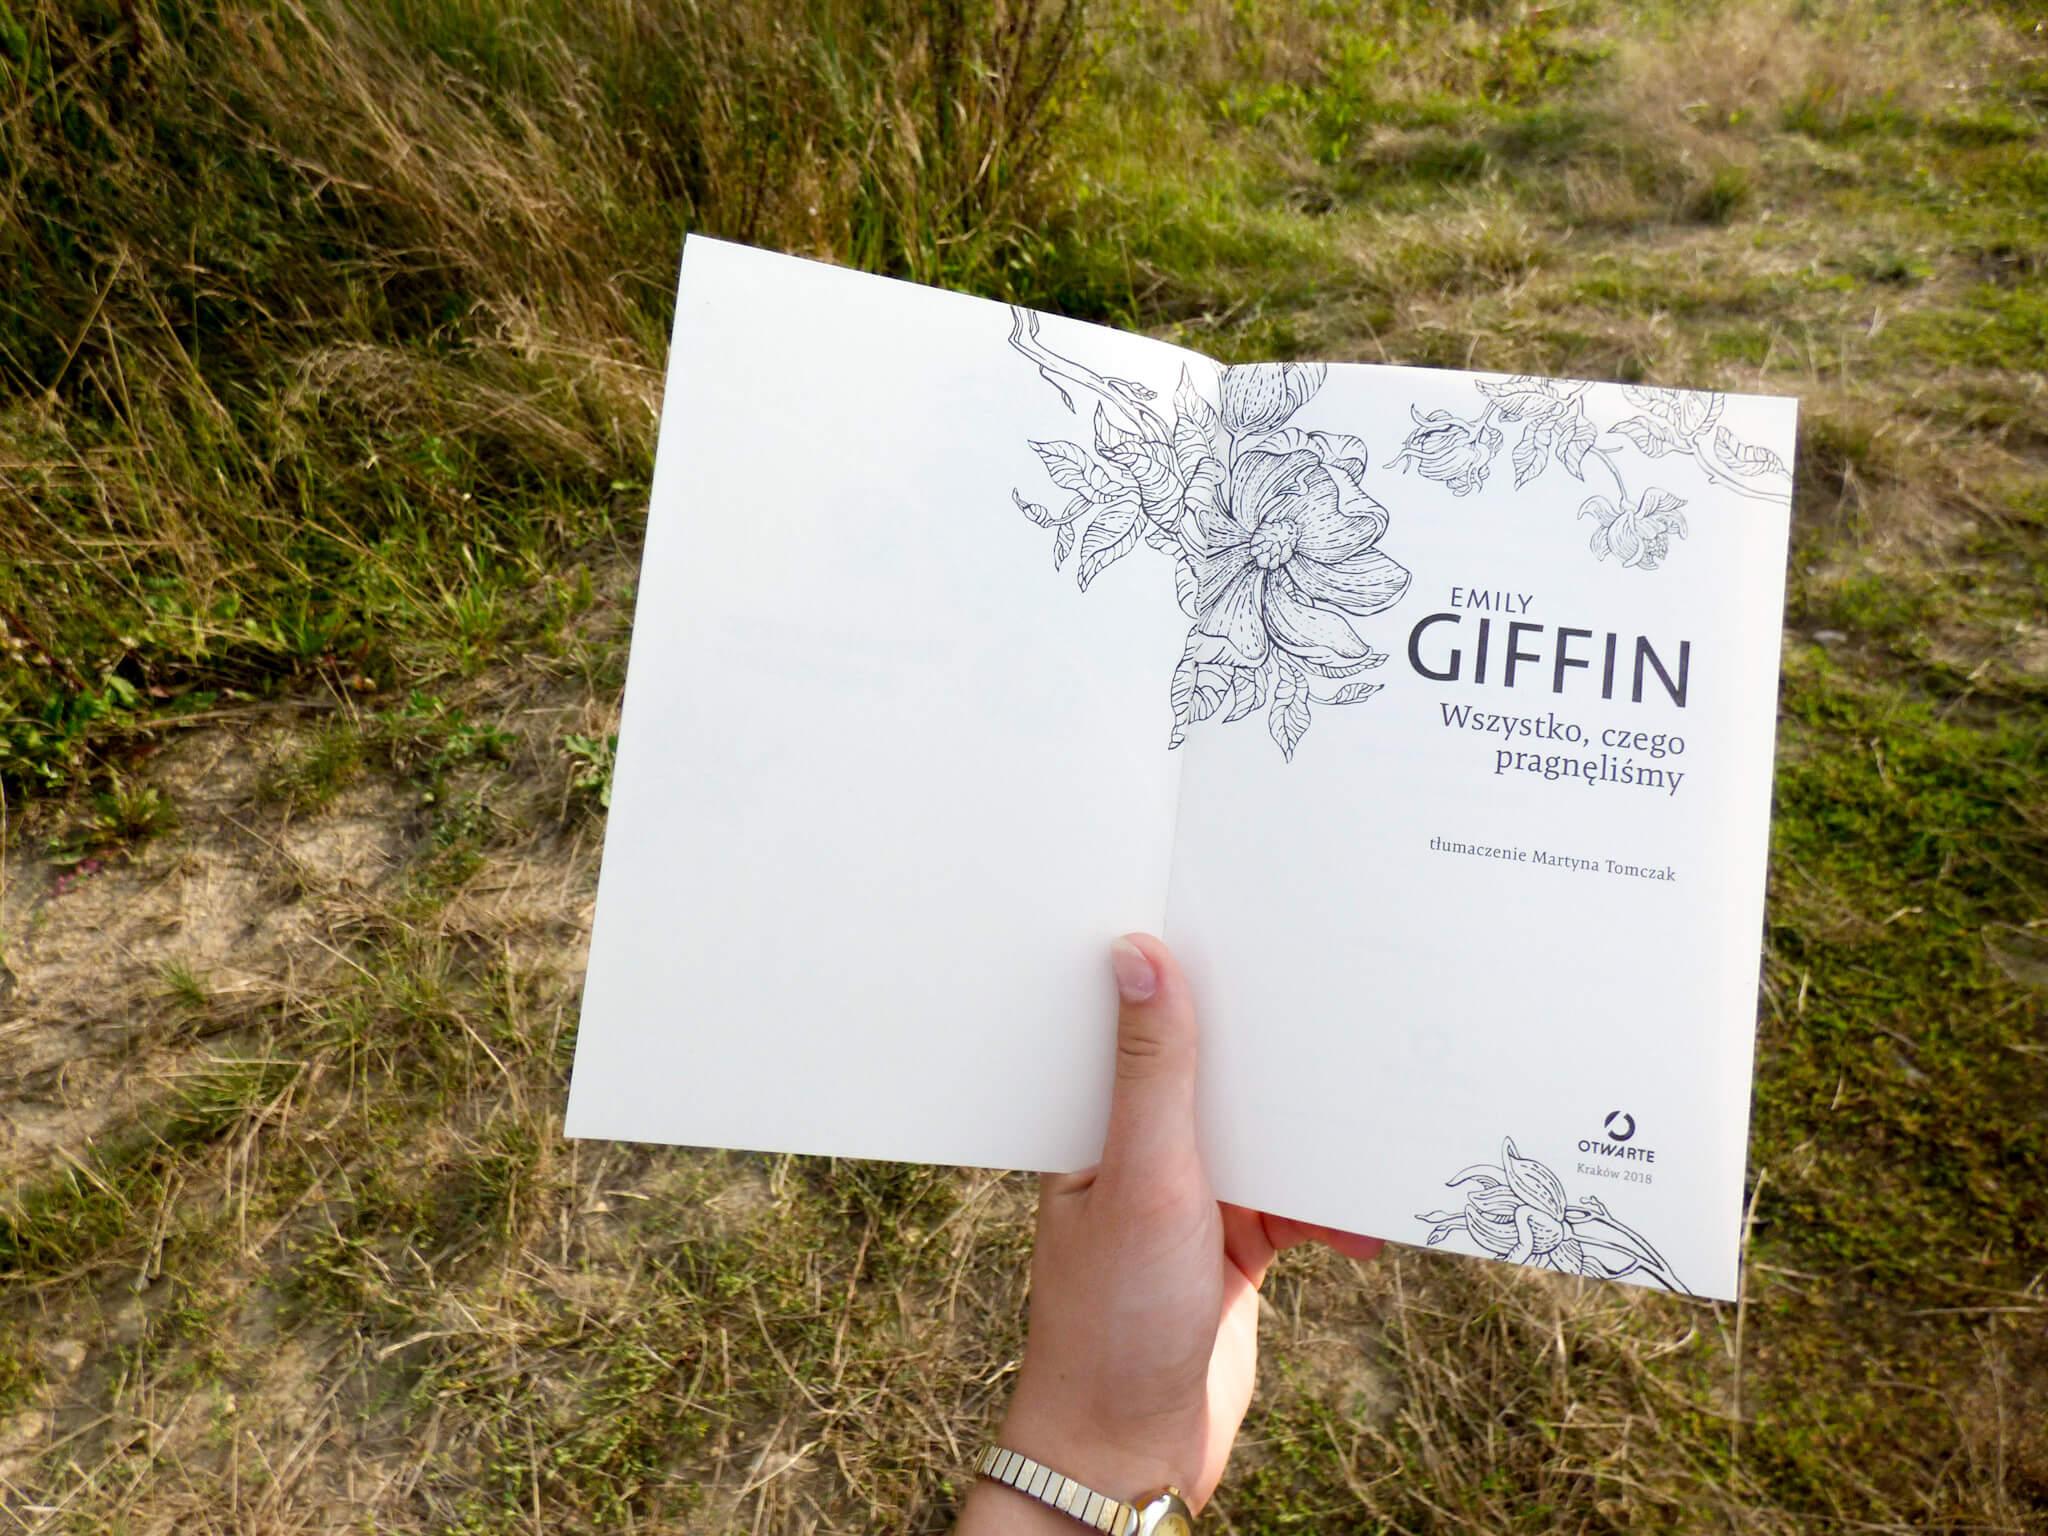 Wszystko czego pragnęliśmy Emily Giffin - czy warto - moja opinia